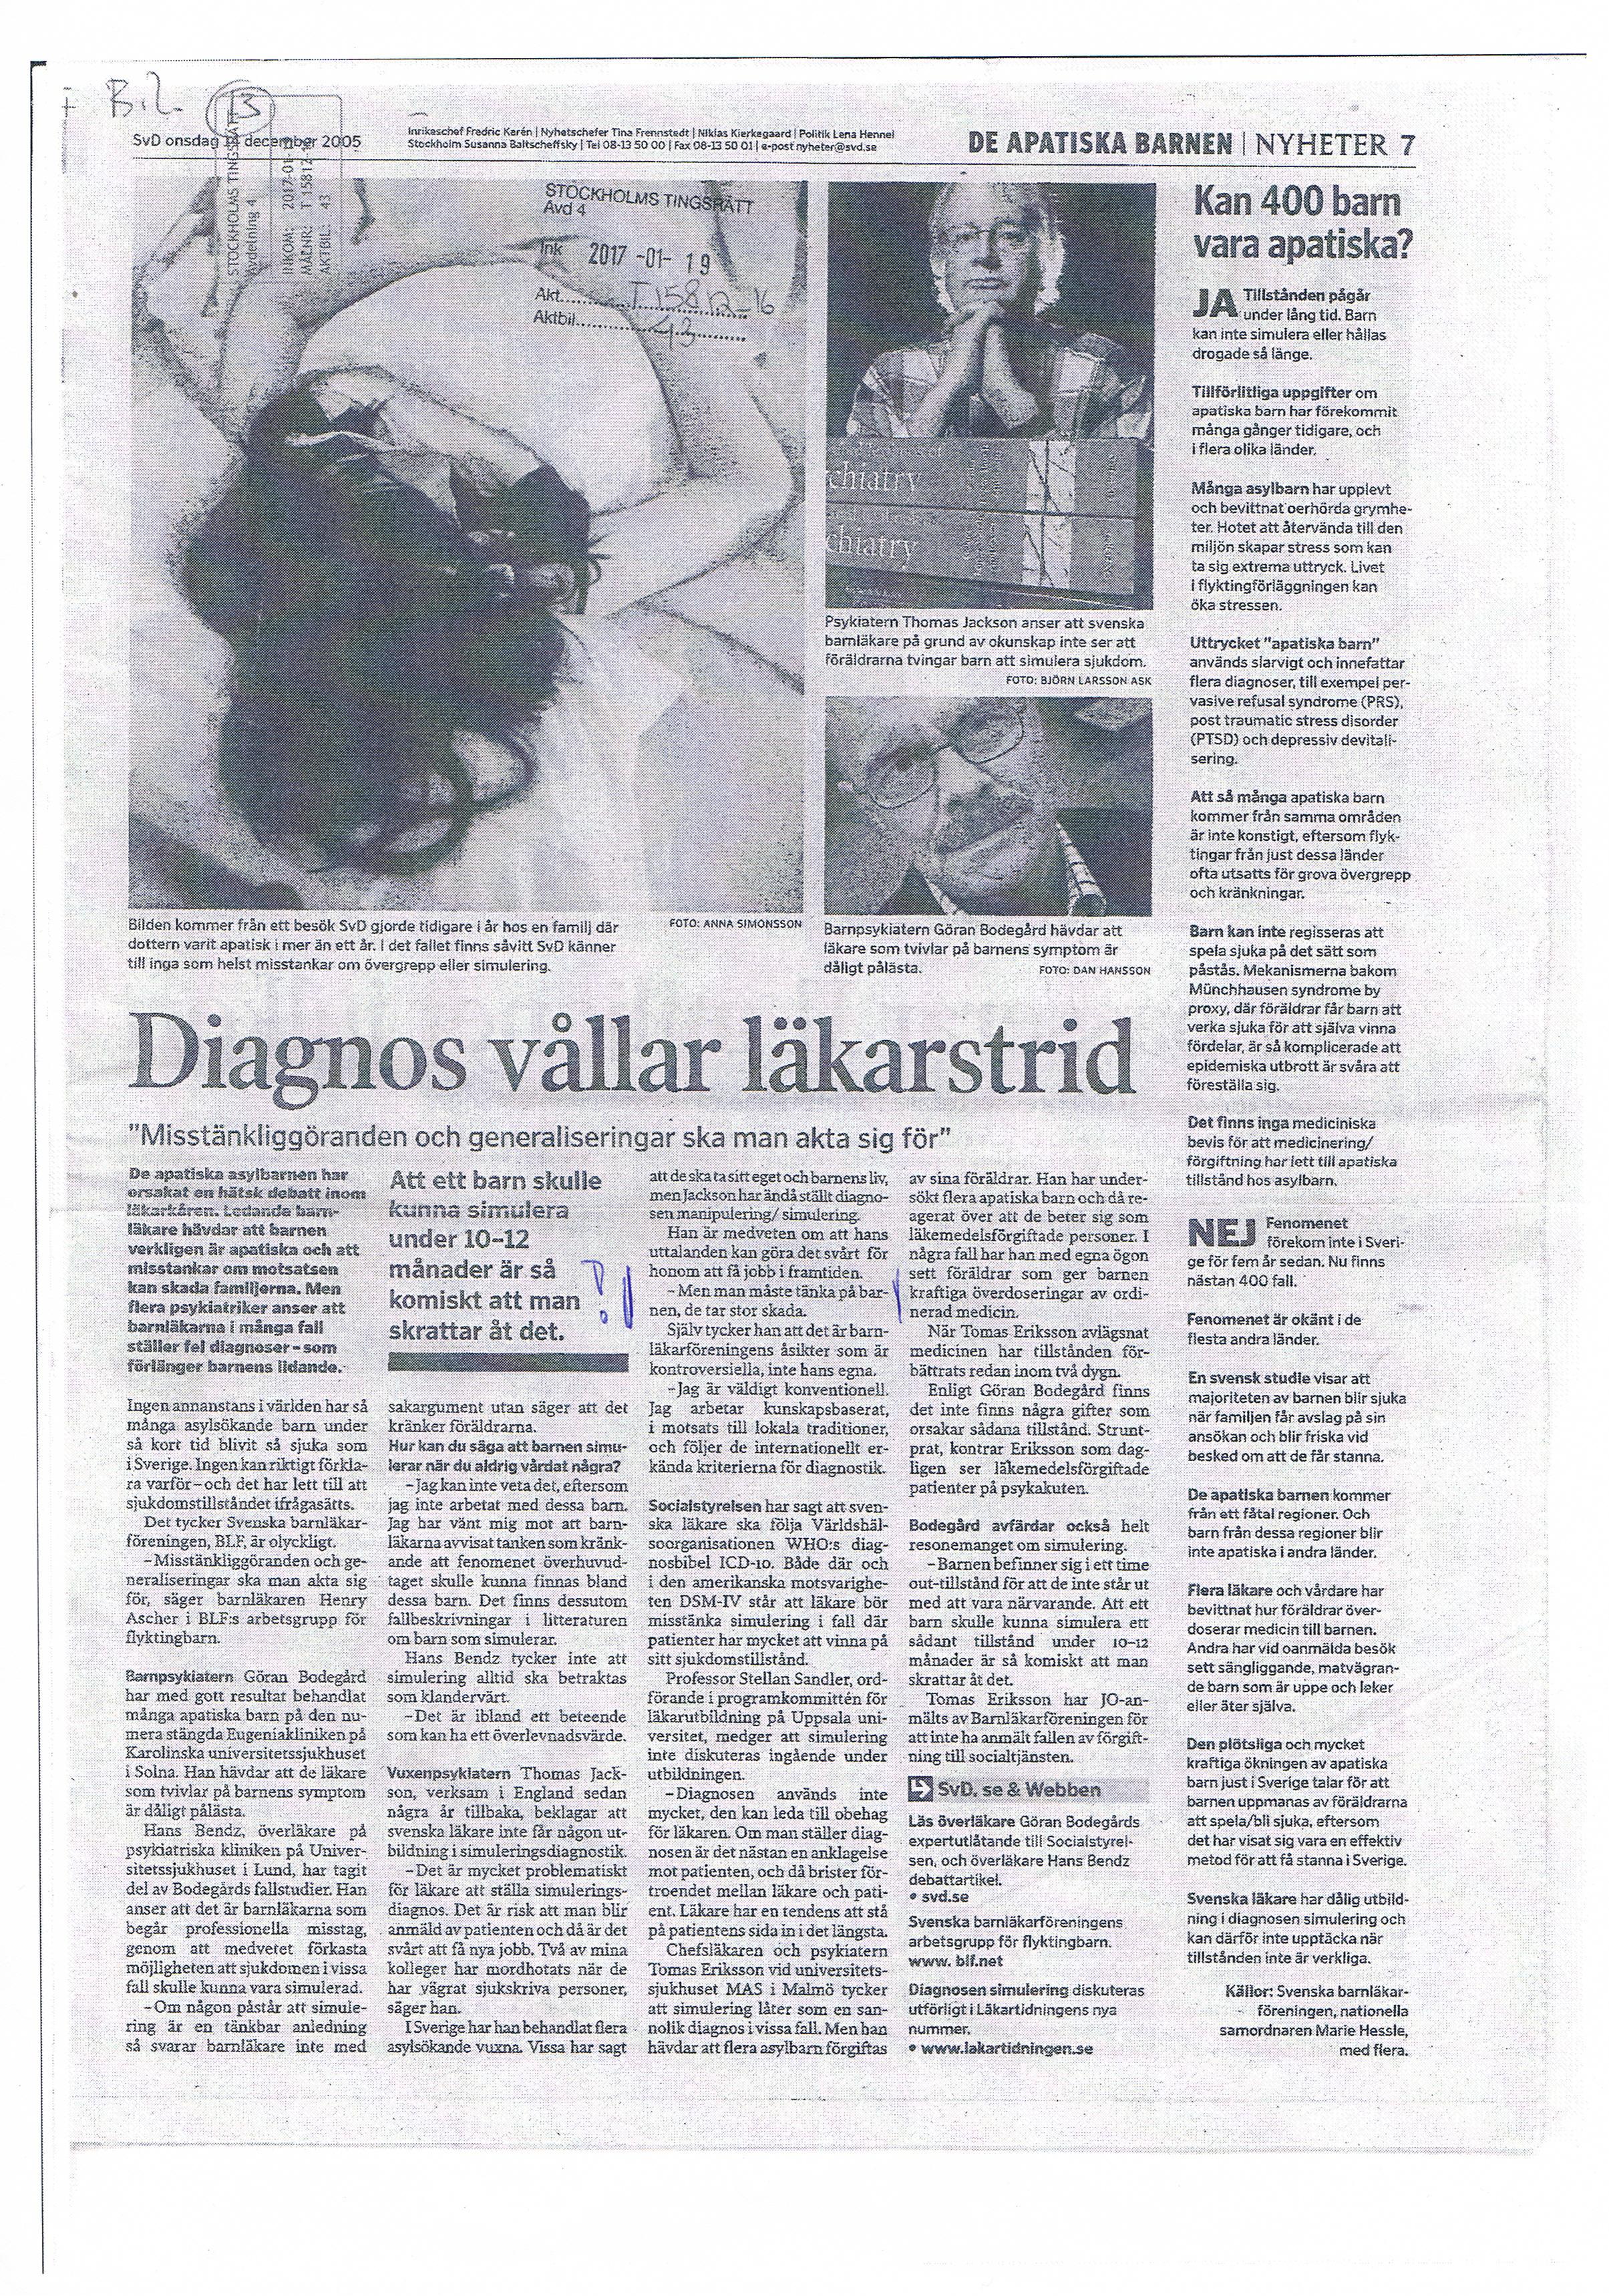 SvD 14 dec 2005